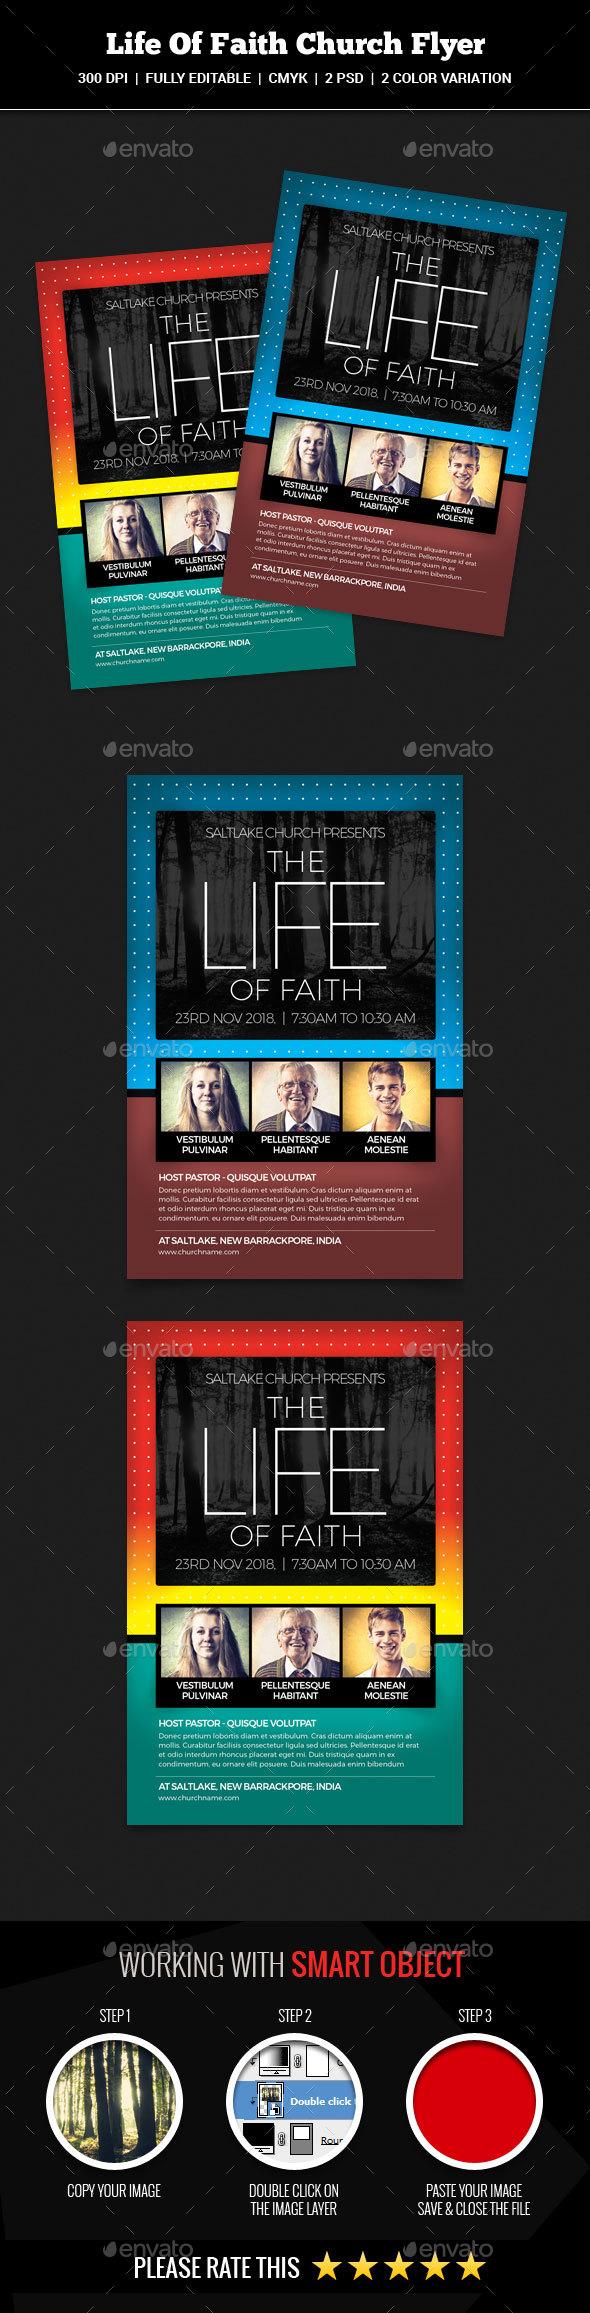 The Life Of Faith Church Flyer - Church Flyers